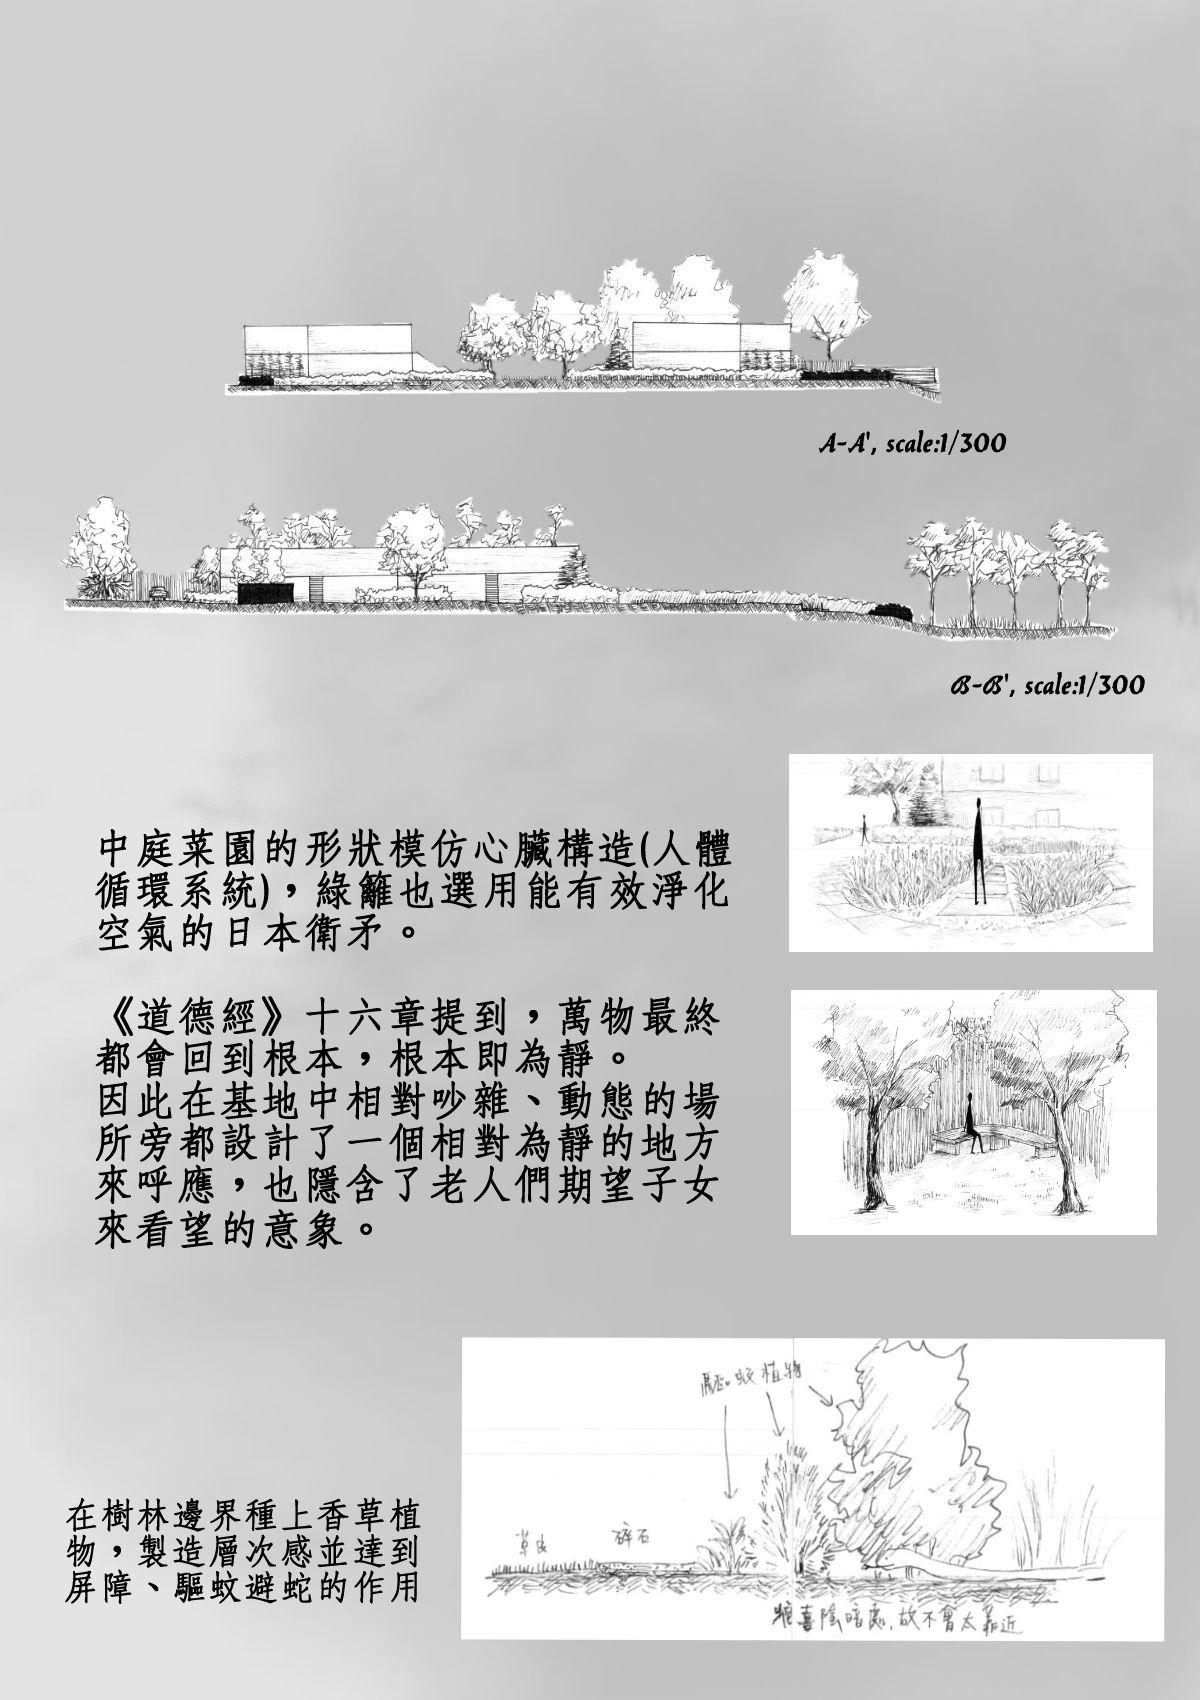 Pin by 東海大學 景觀學系 on 大二景觀設計優秀作品